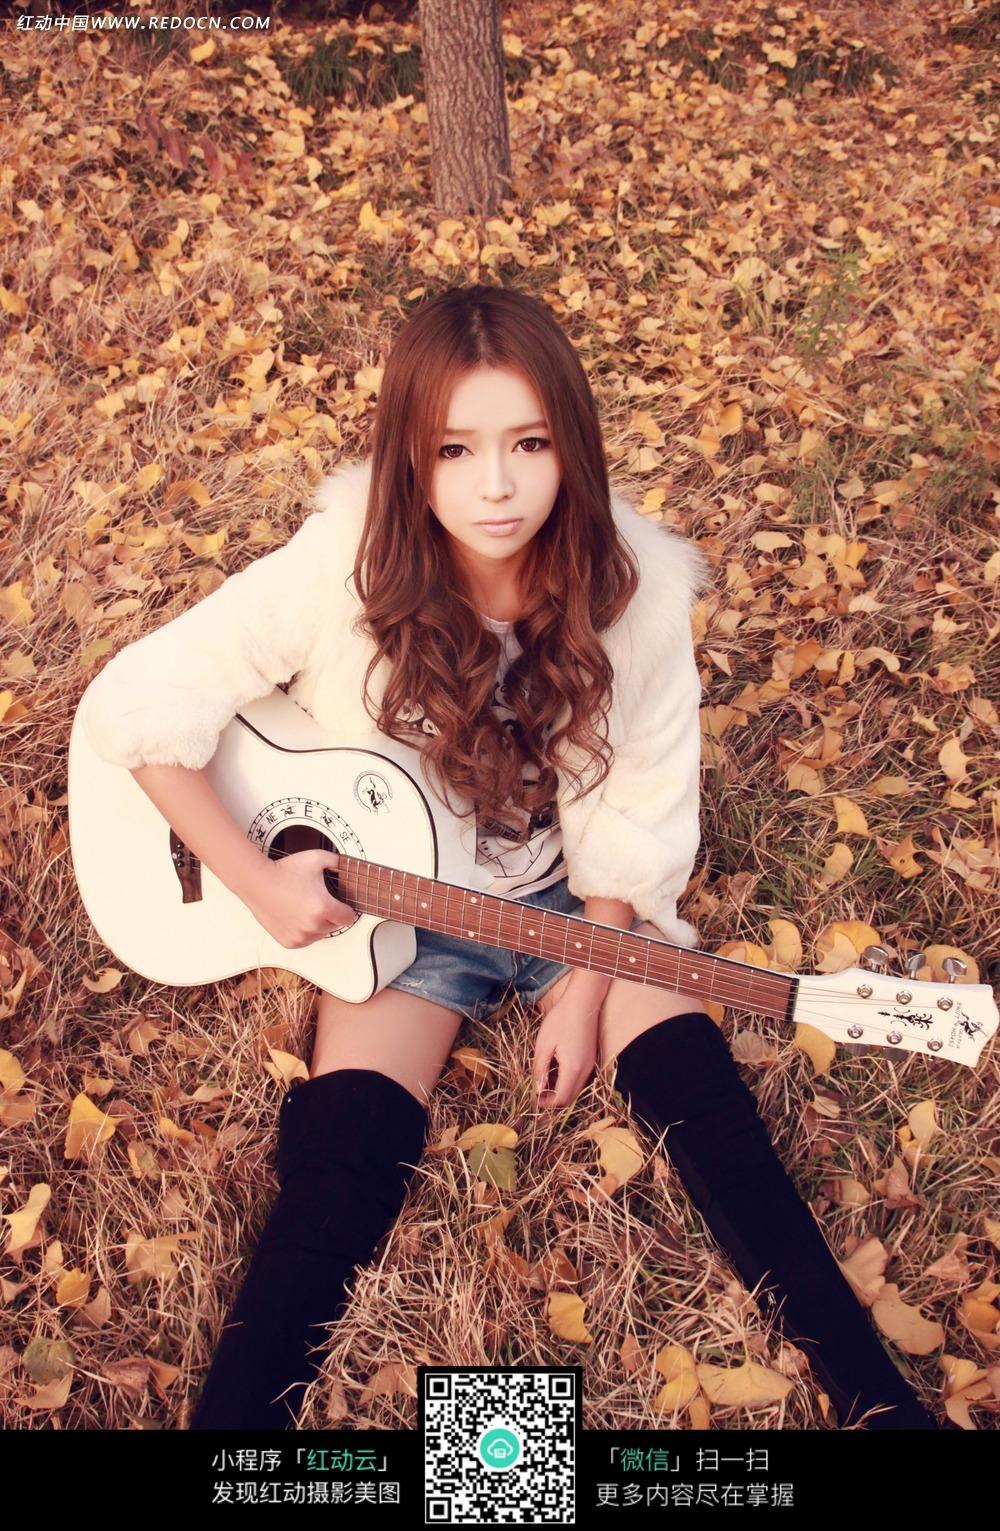 吉他美女写真